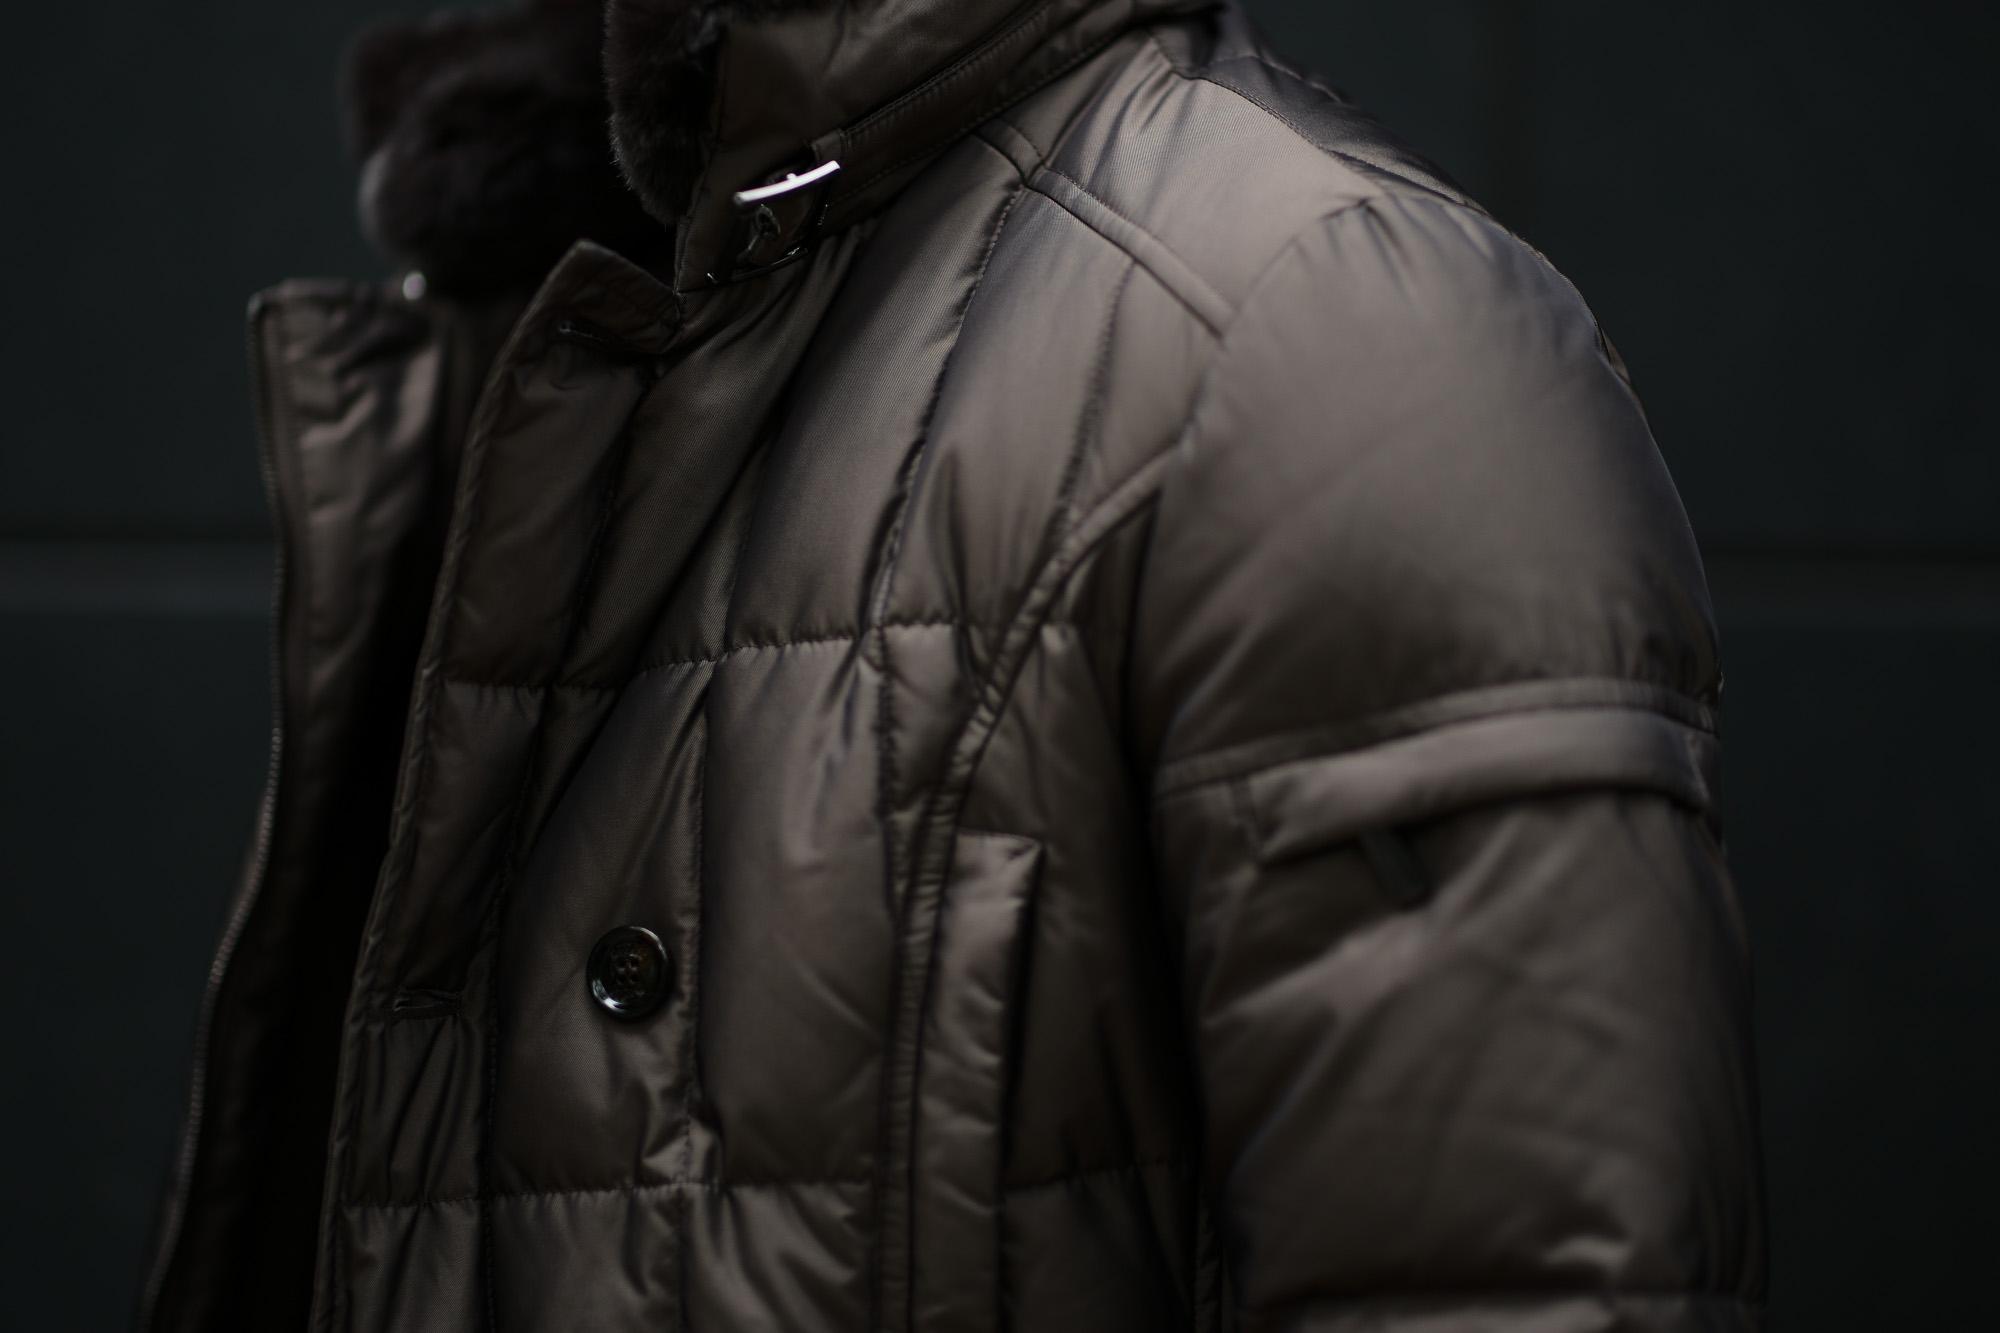 MOORER (ムーレー)MORRIS-KM2 (モーリス) ホワイトグースダウン ナイロン ダブルブレスト ダウン コート MARMOTTA(ブラウン)  Made in italy (イタリア製) 2019 秋冬新作 愛知 名古屋 altoediritto アルトエデリット ダウンジャケット